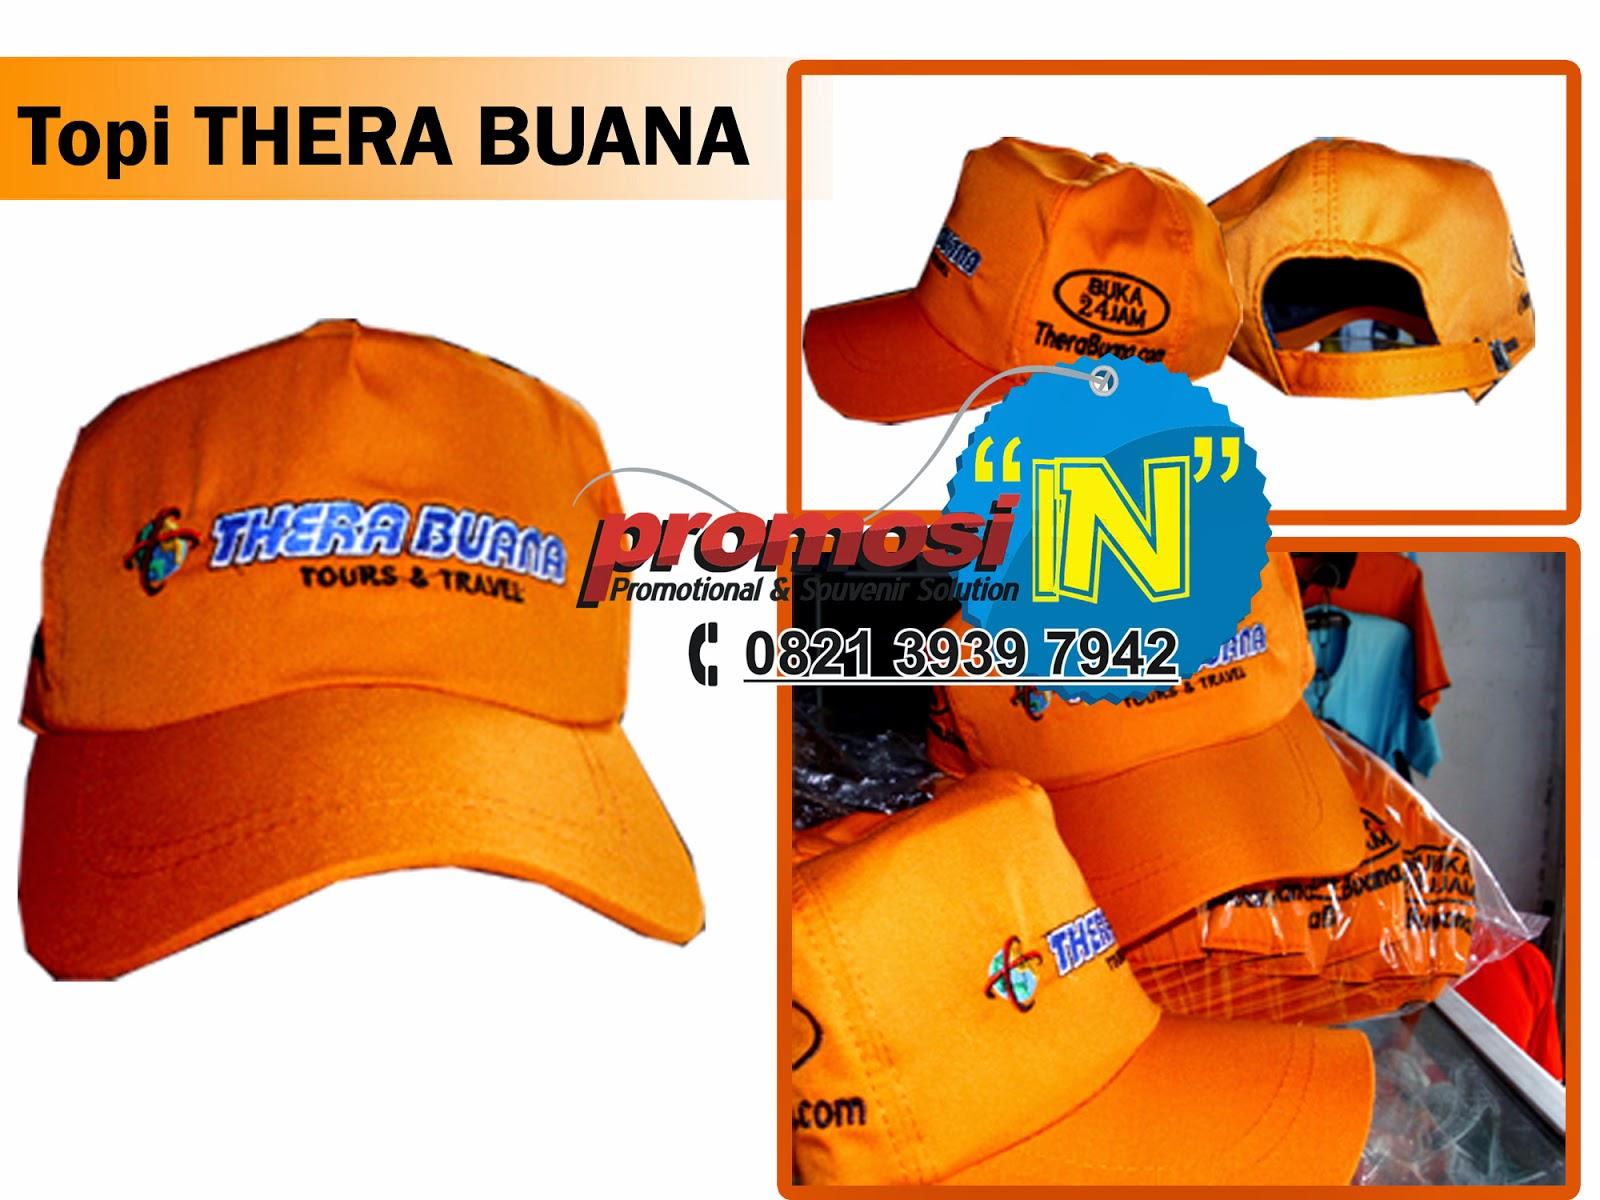 Pesan Topi Online,Topi,Grosir Topi Murah Surabaya,Pesan Topi Sekolah,Produksi Topi di Surabaya,Pabrik Topi Souvenir Murah